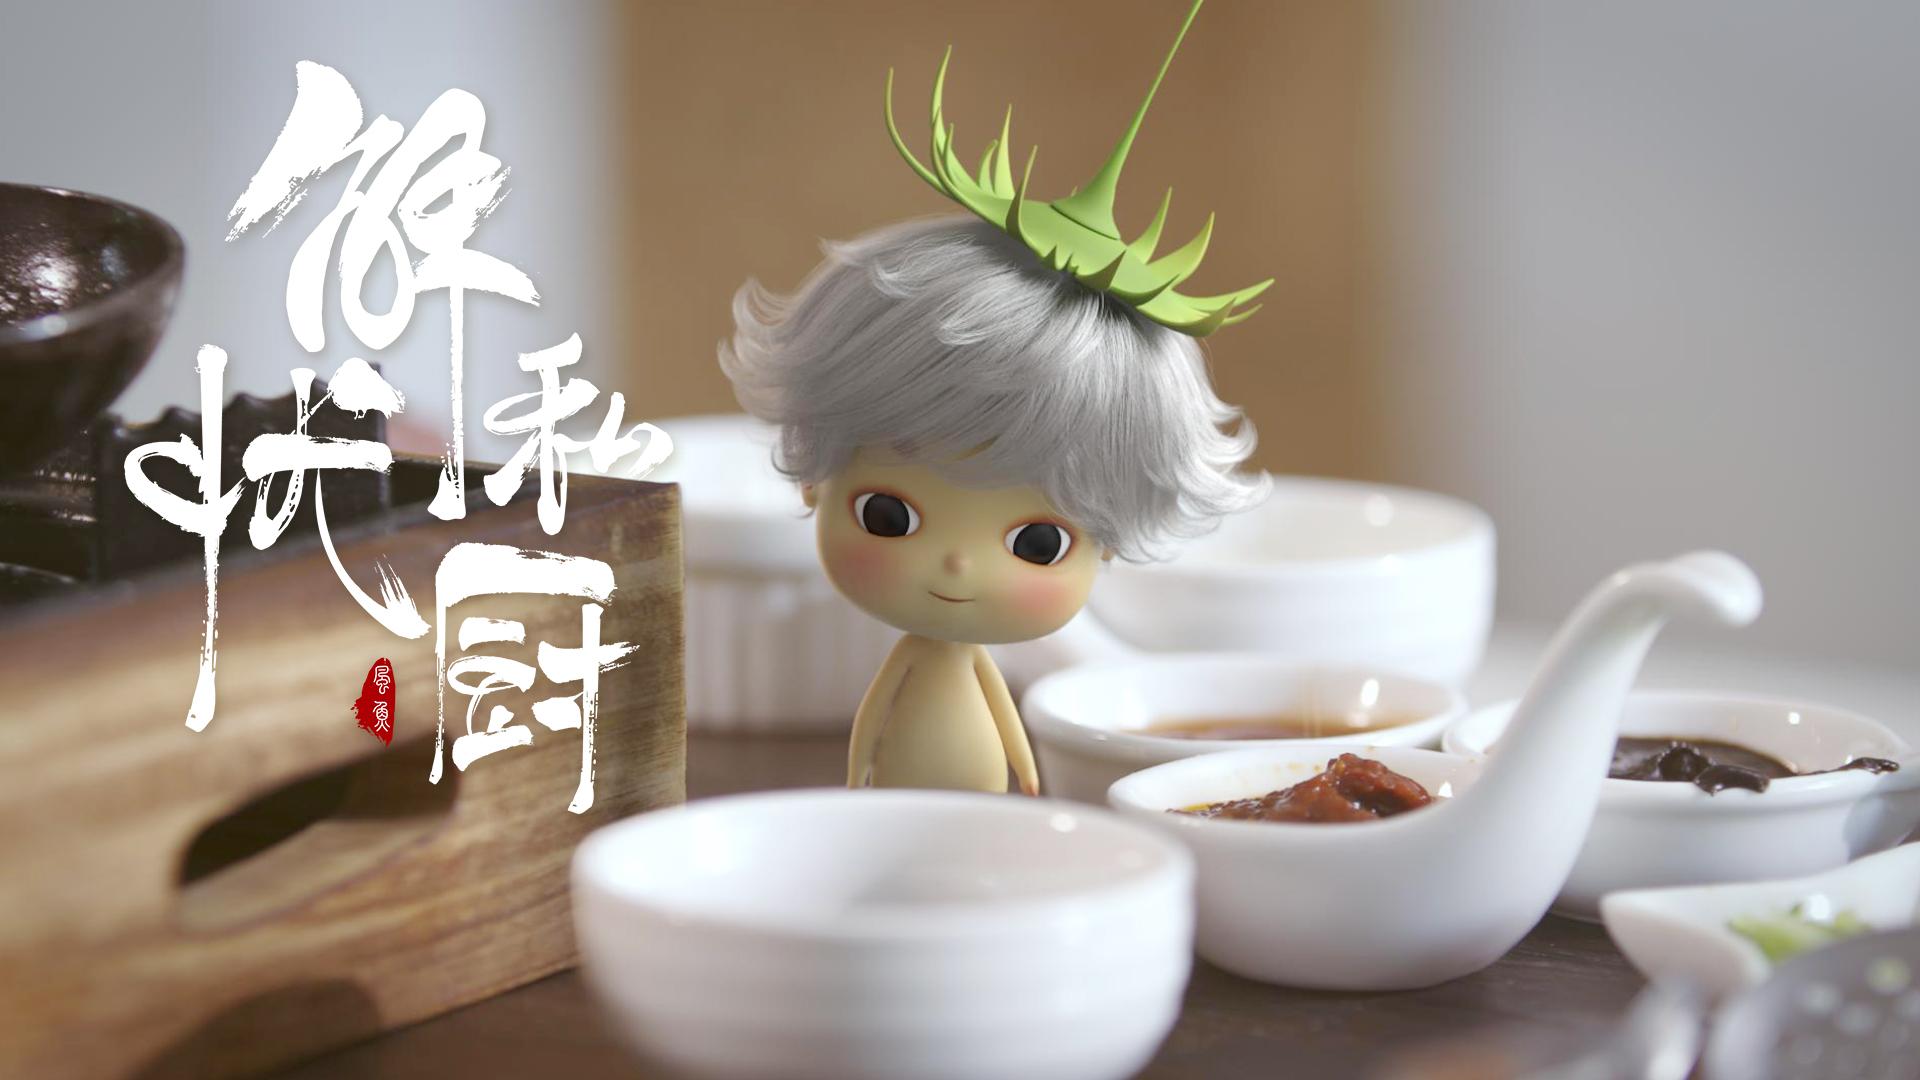 解忧私厨09 暖心京酱肉丝饭